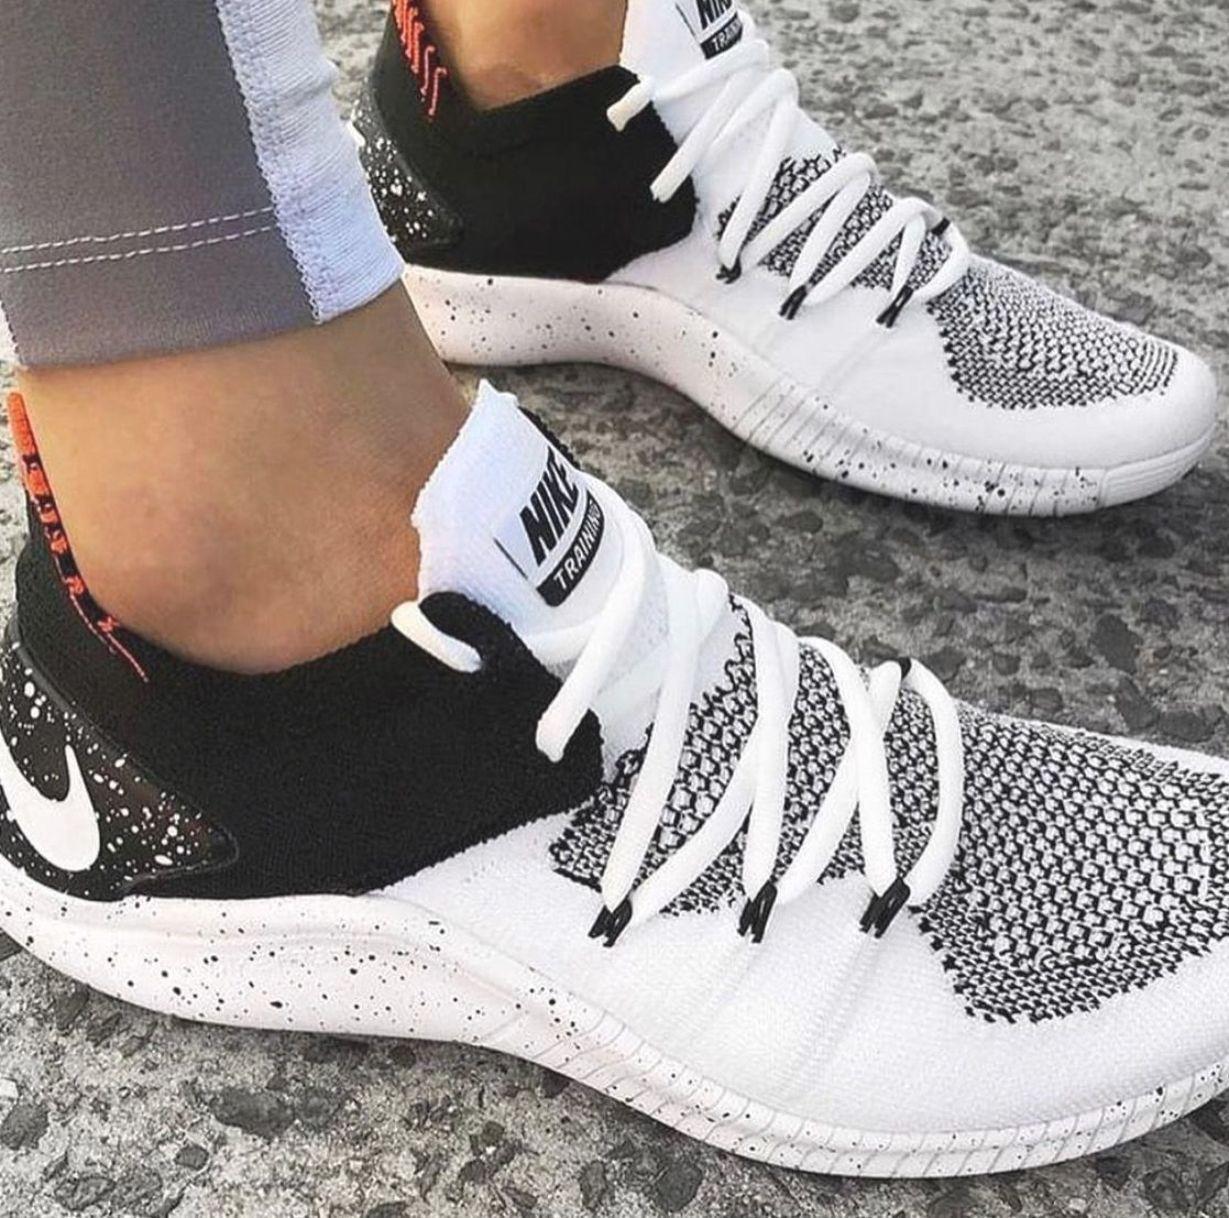 Tennis Shoes In Wide Width Tennis Shoe